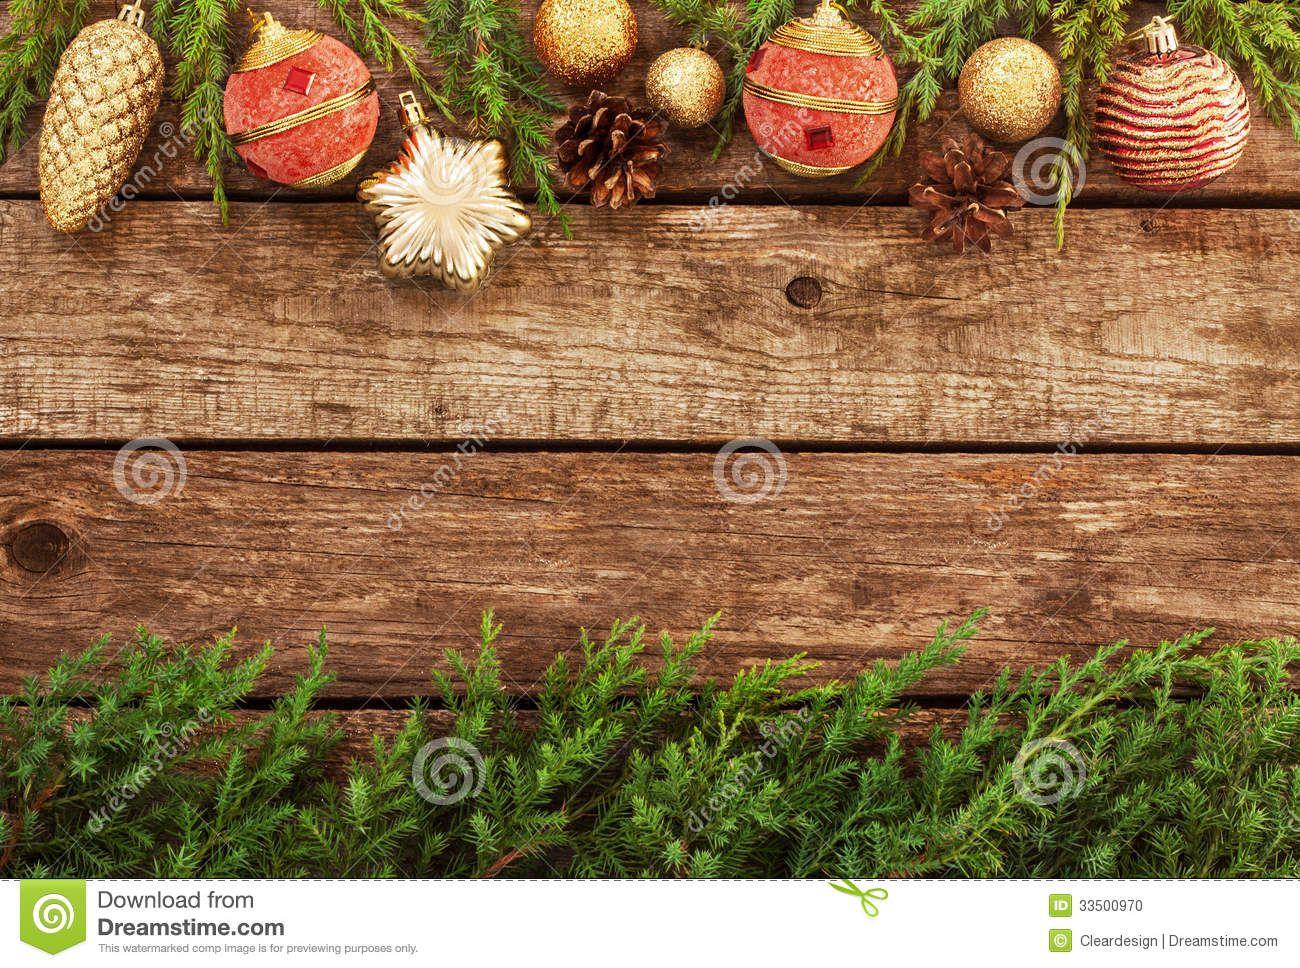 Fondos Vintage De Madera Para Fondo Celular En Hd 11 Hd: Fondos Vintage Navidad Para Fondo Celular En Hd 23 HD